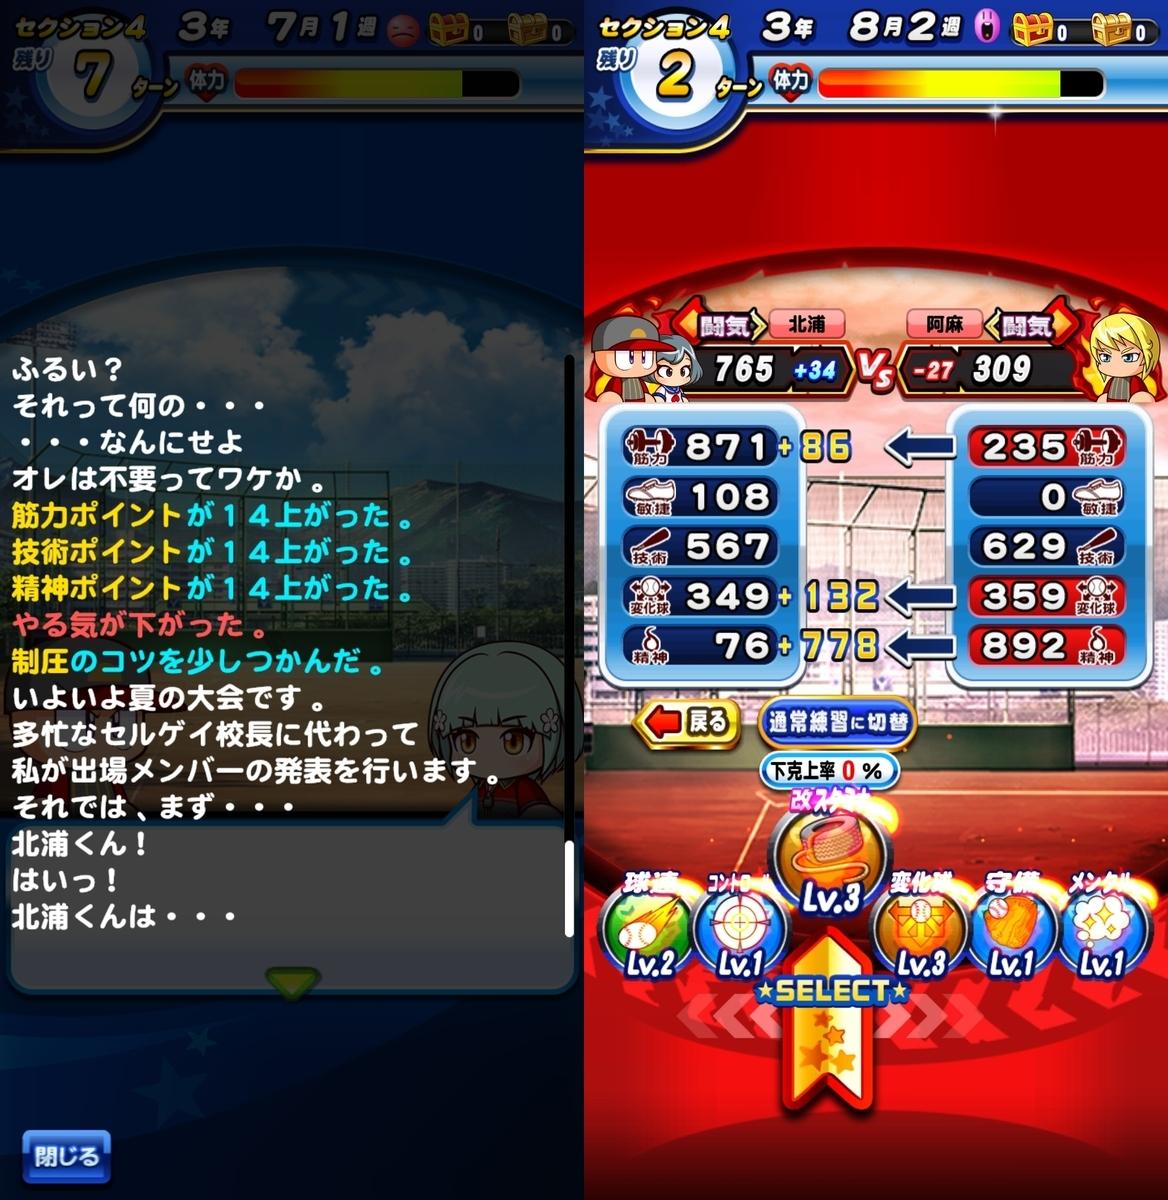 f:id:arimurasaji:20210921124812j:plain